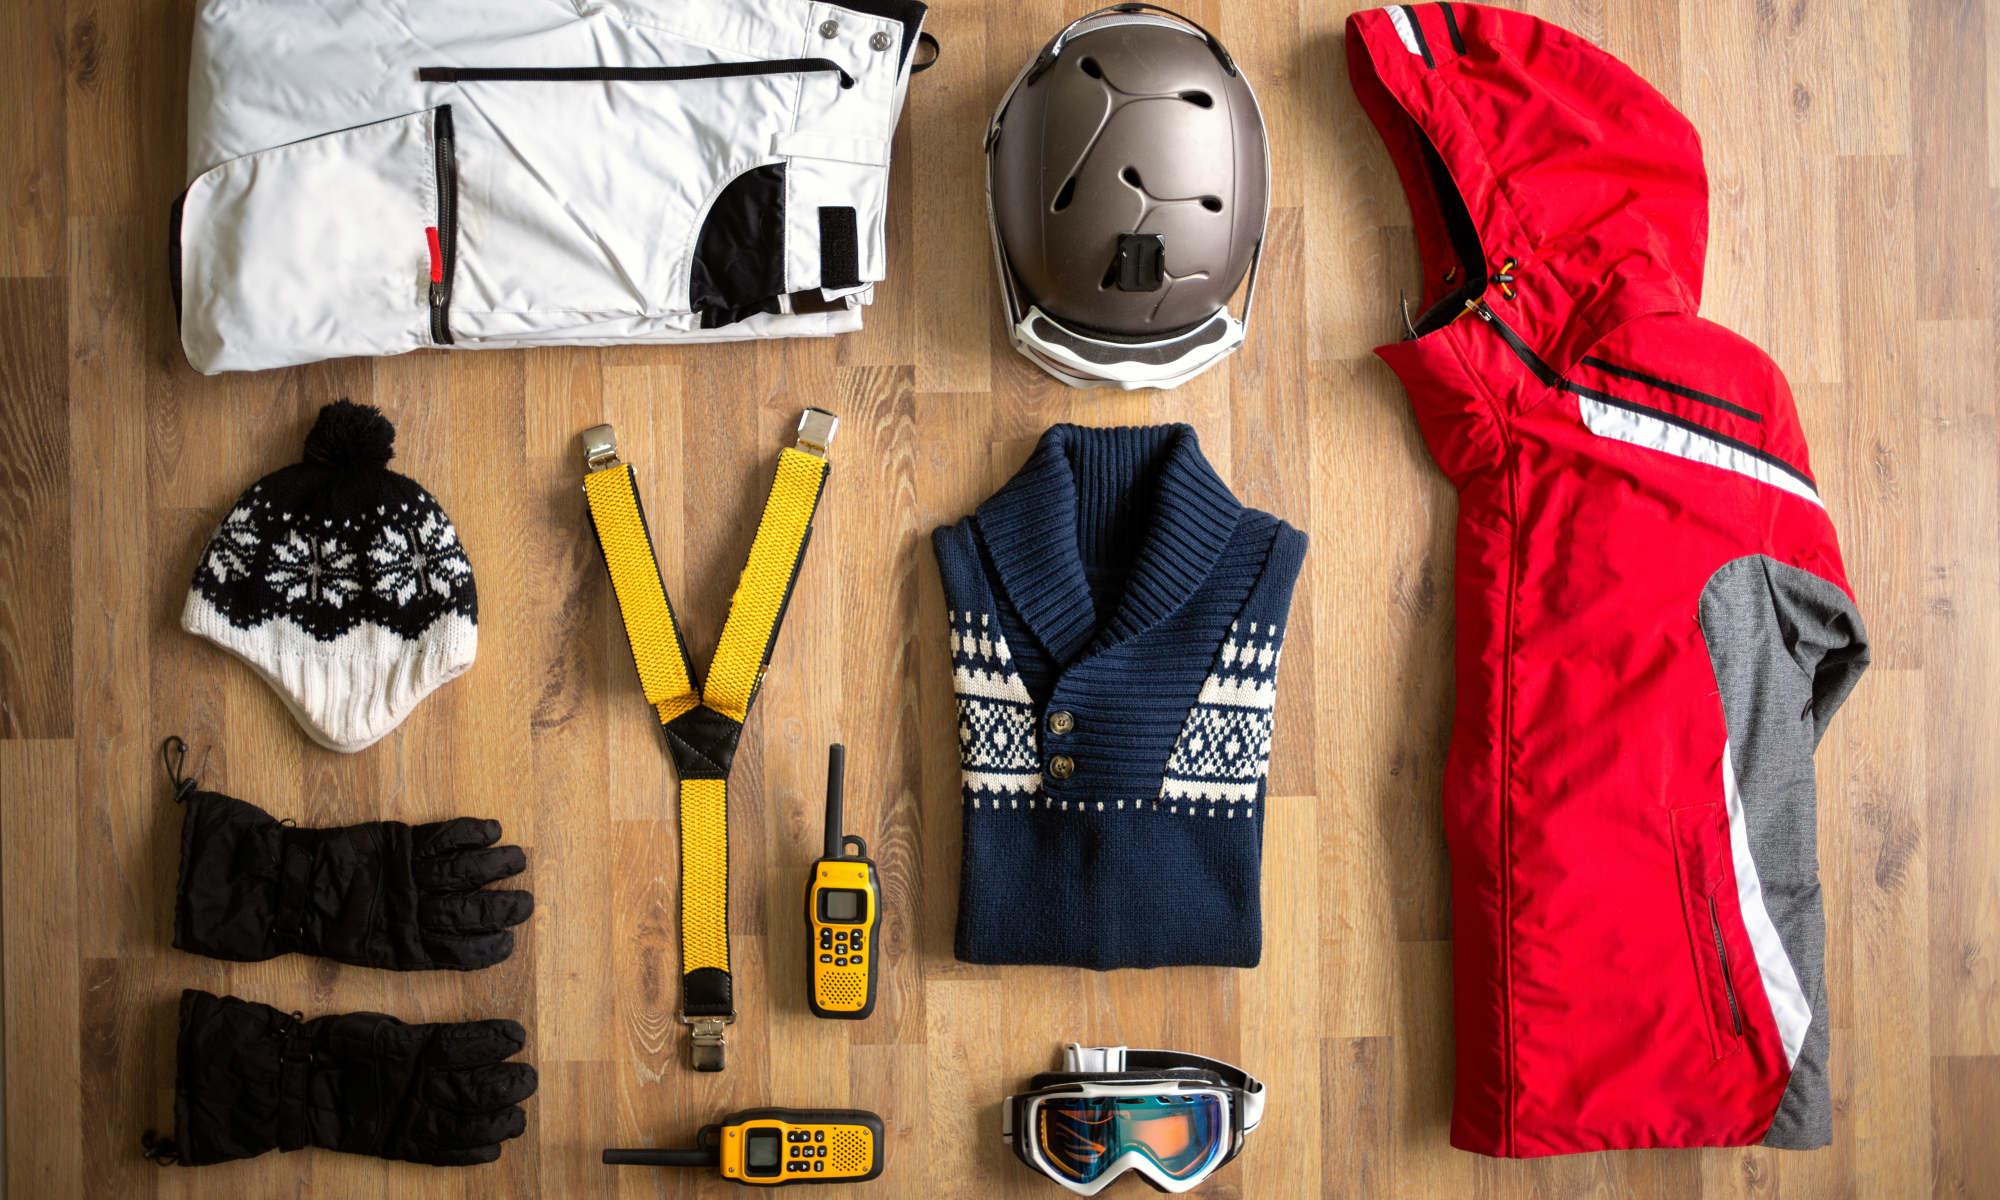 Une partie de l'équipement essentiel pour le ski.